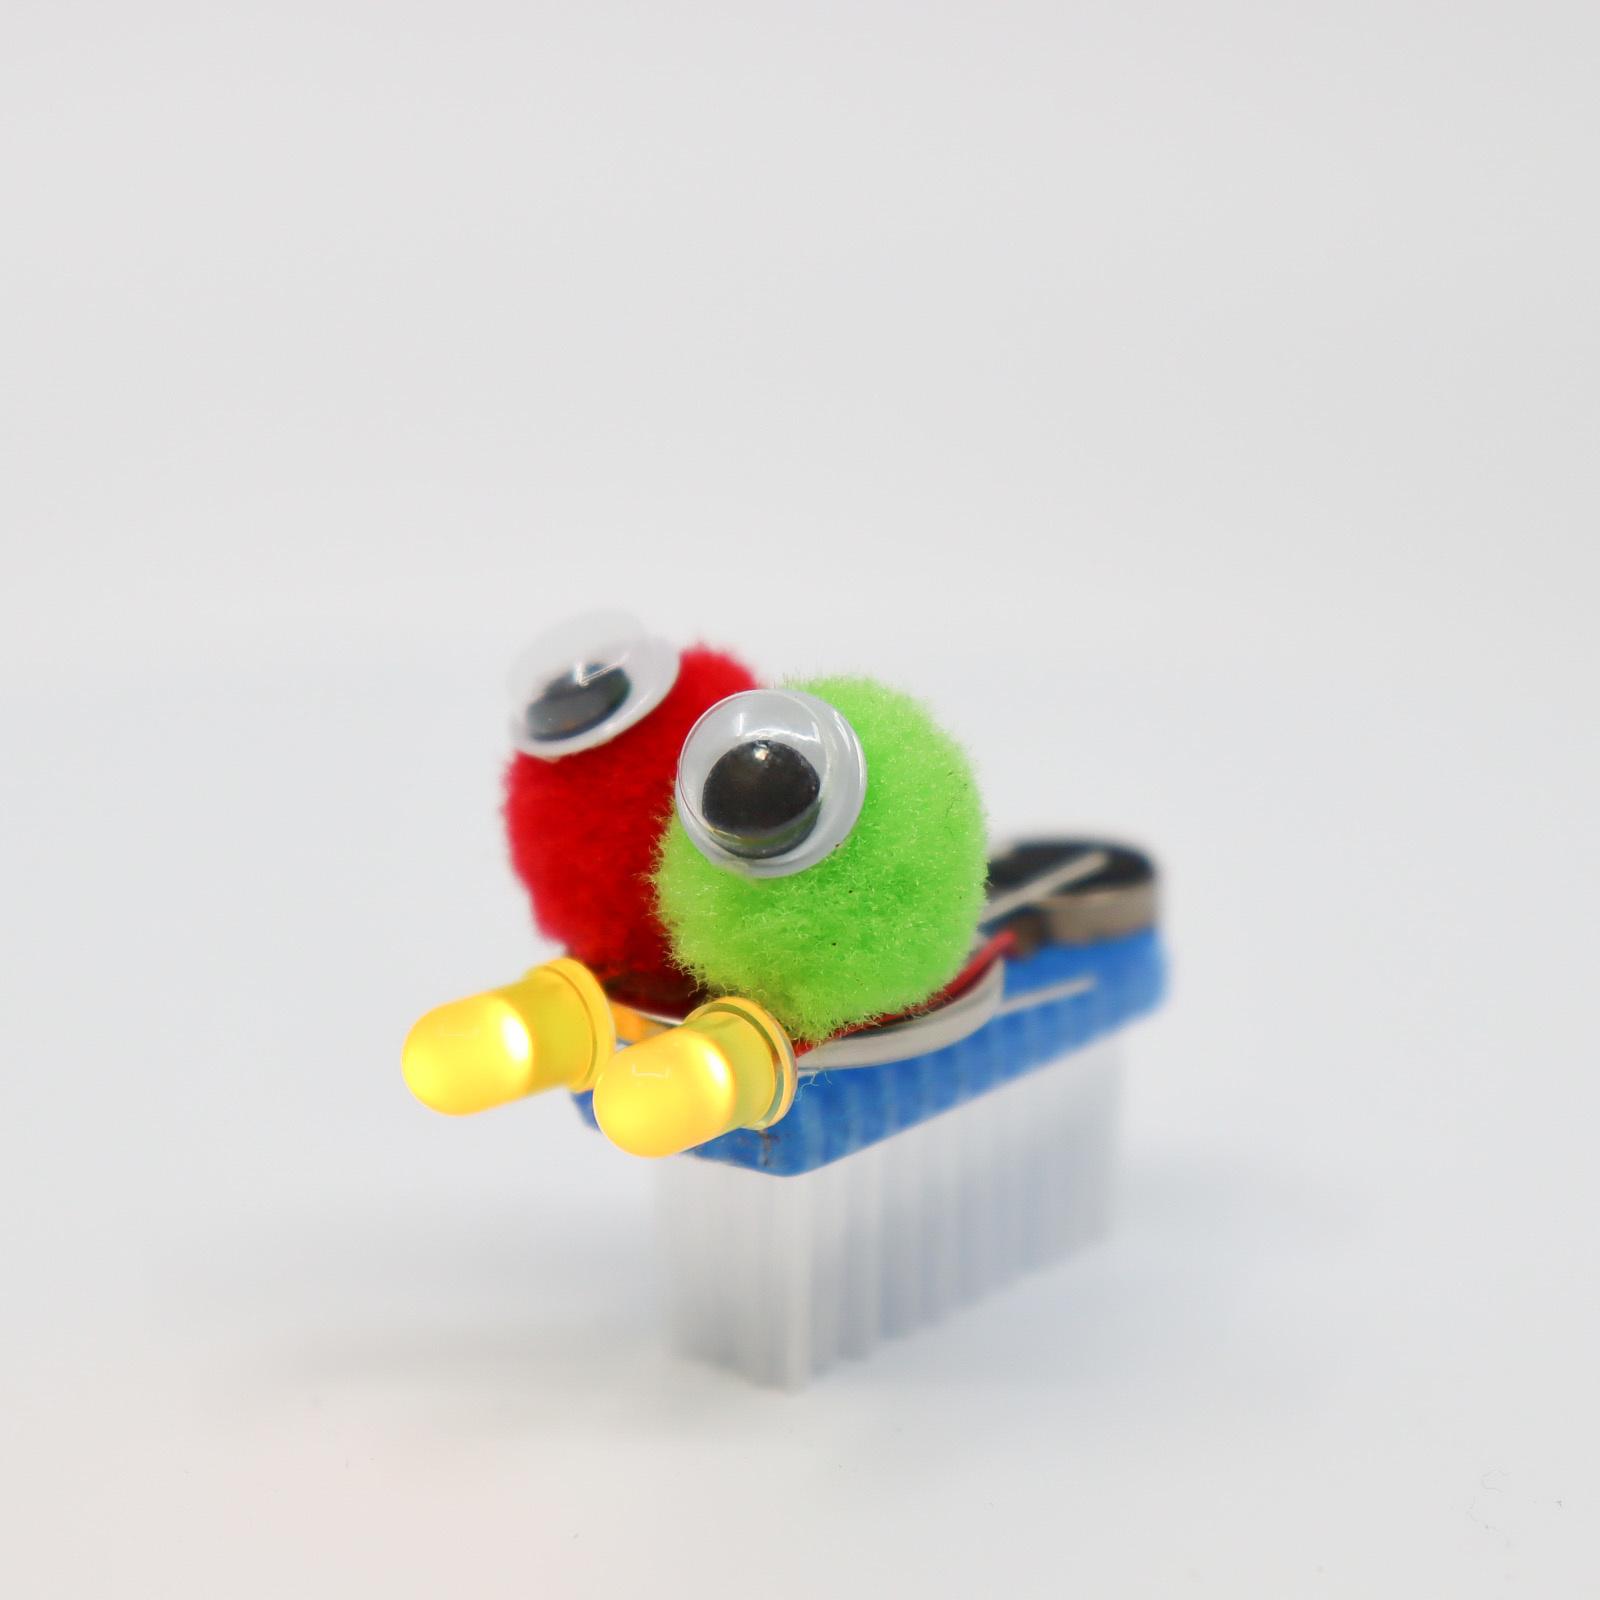 Bouw jouw eigen unieke tandenborstelrobot!